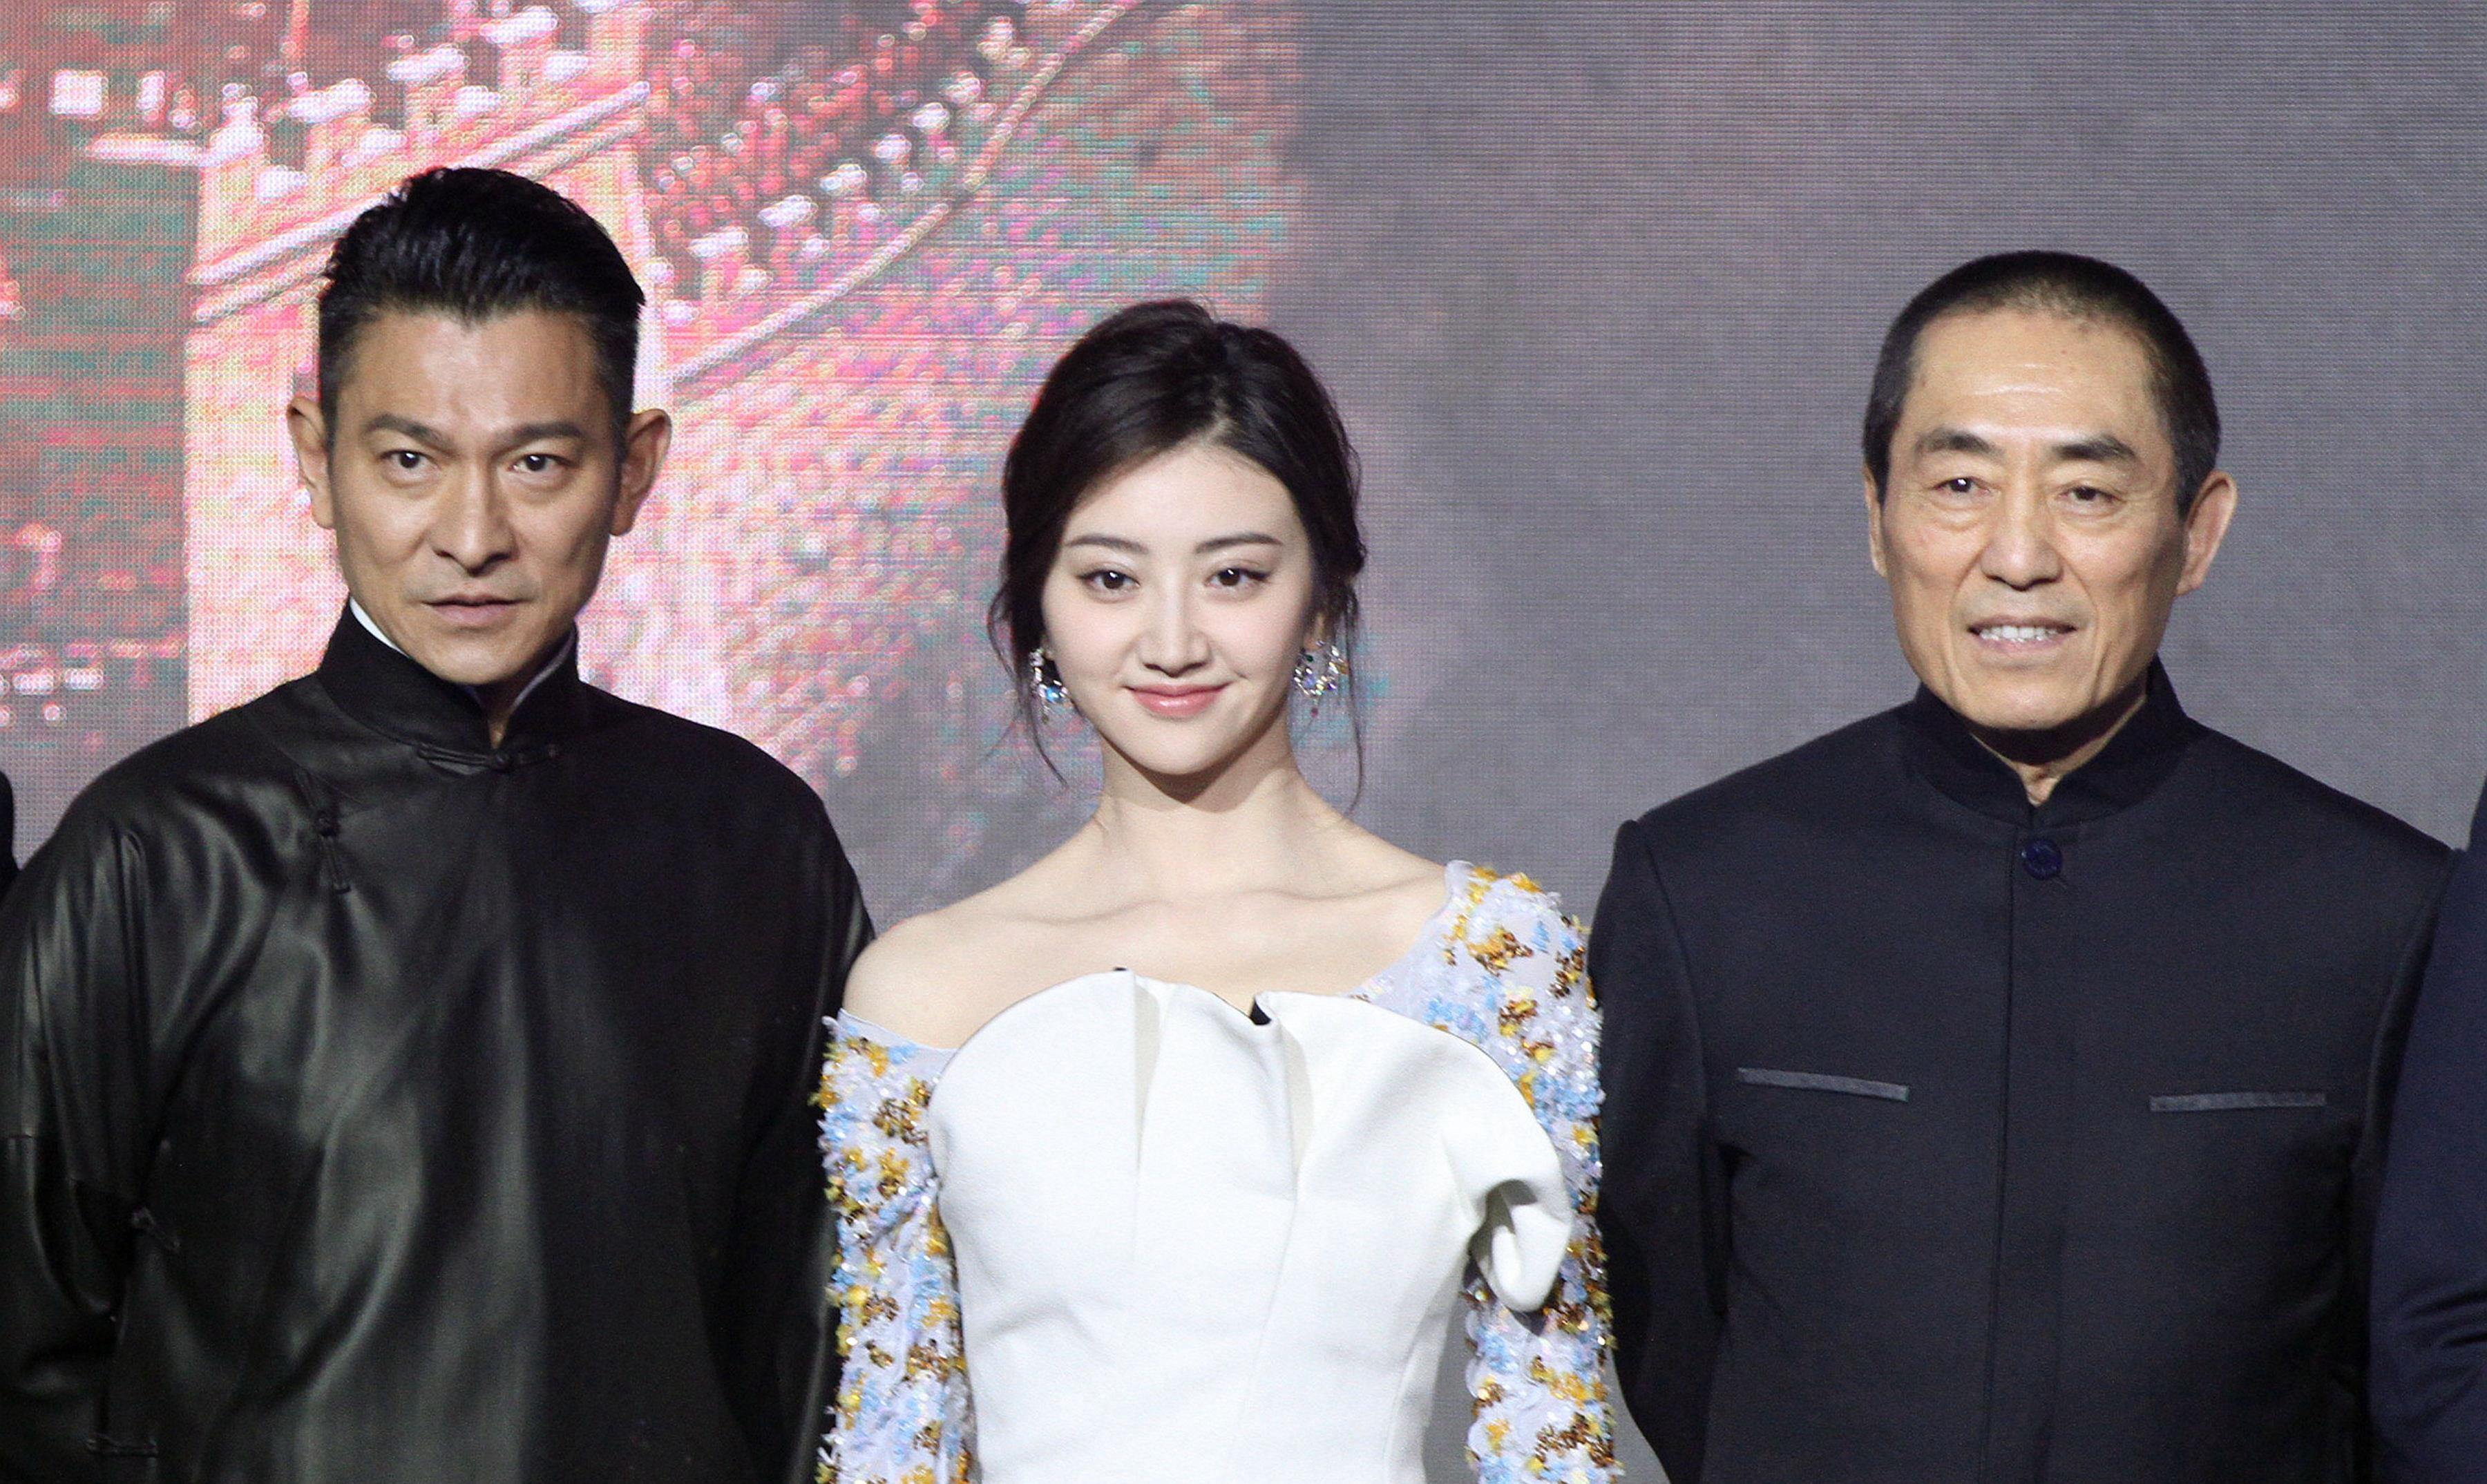 中国最好的演员是谁? 张艺谋说出这两人的名字, 网友: 不愧是张导